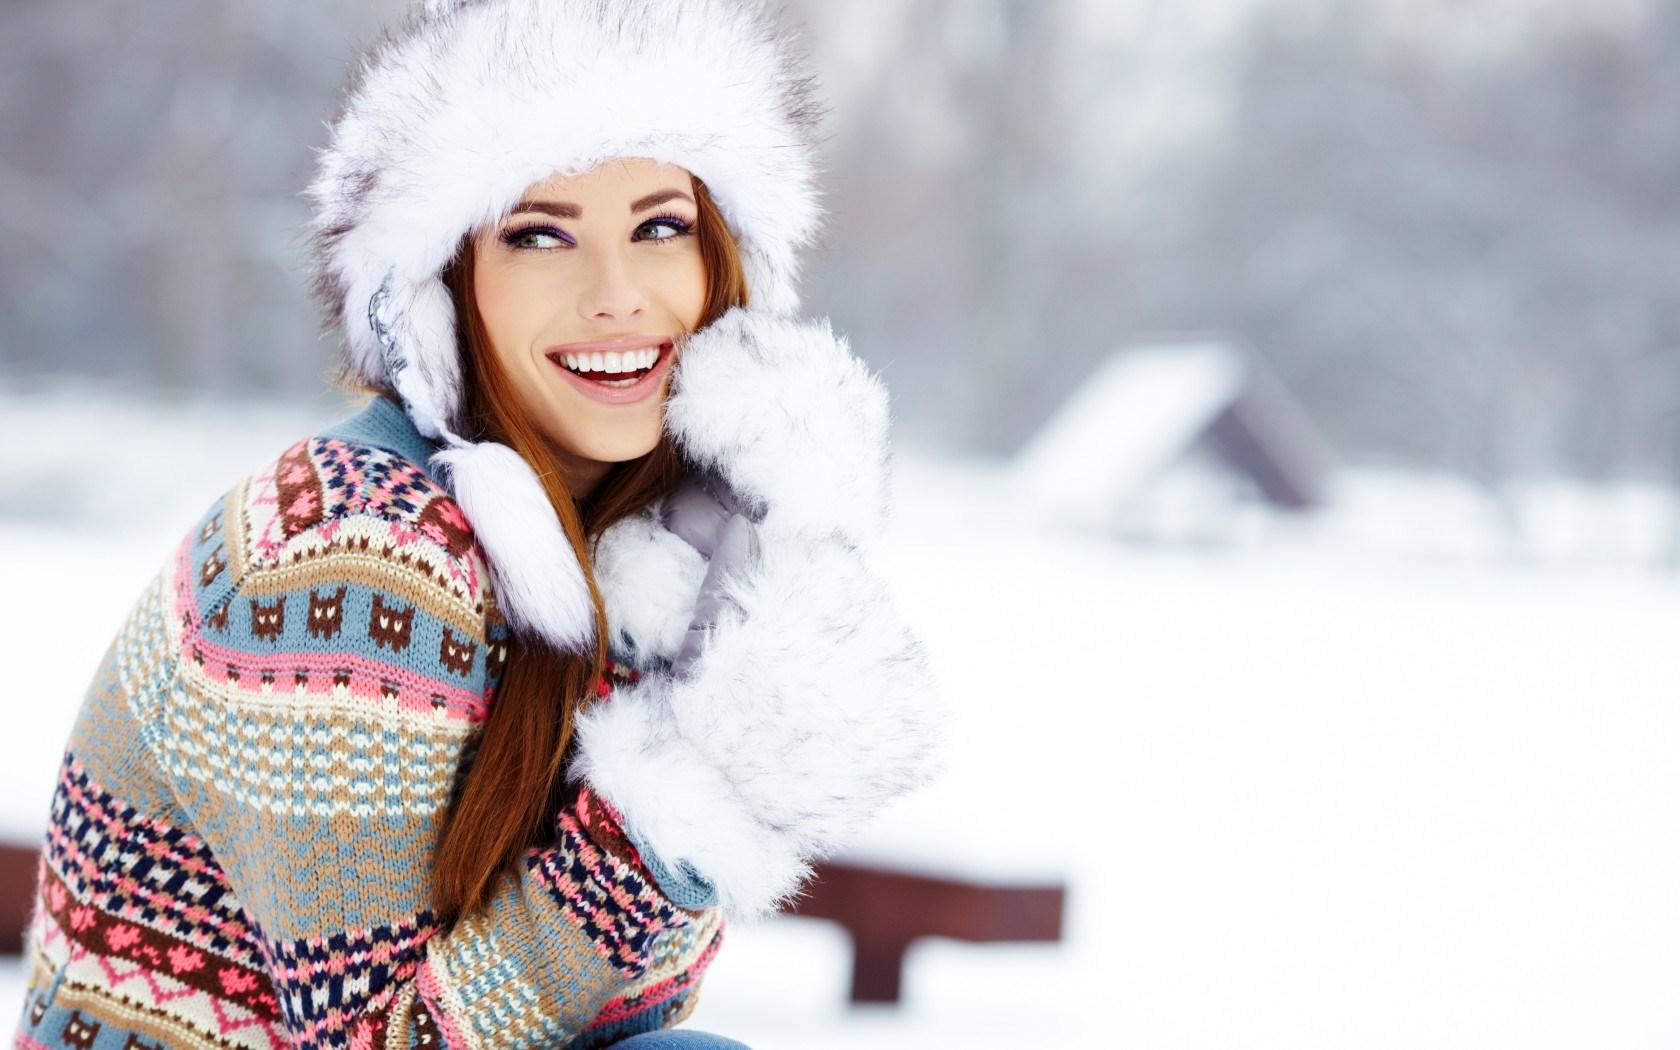 zimowa moda młodzieżowa